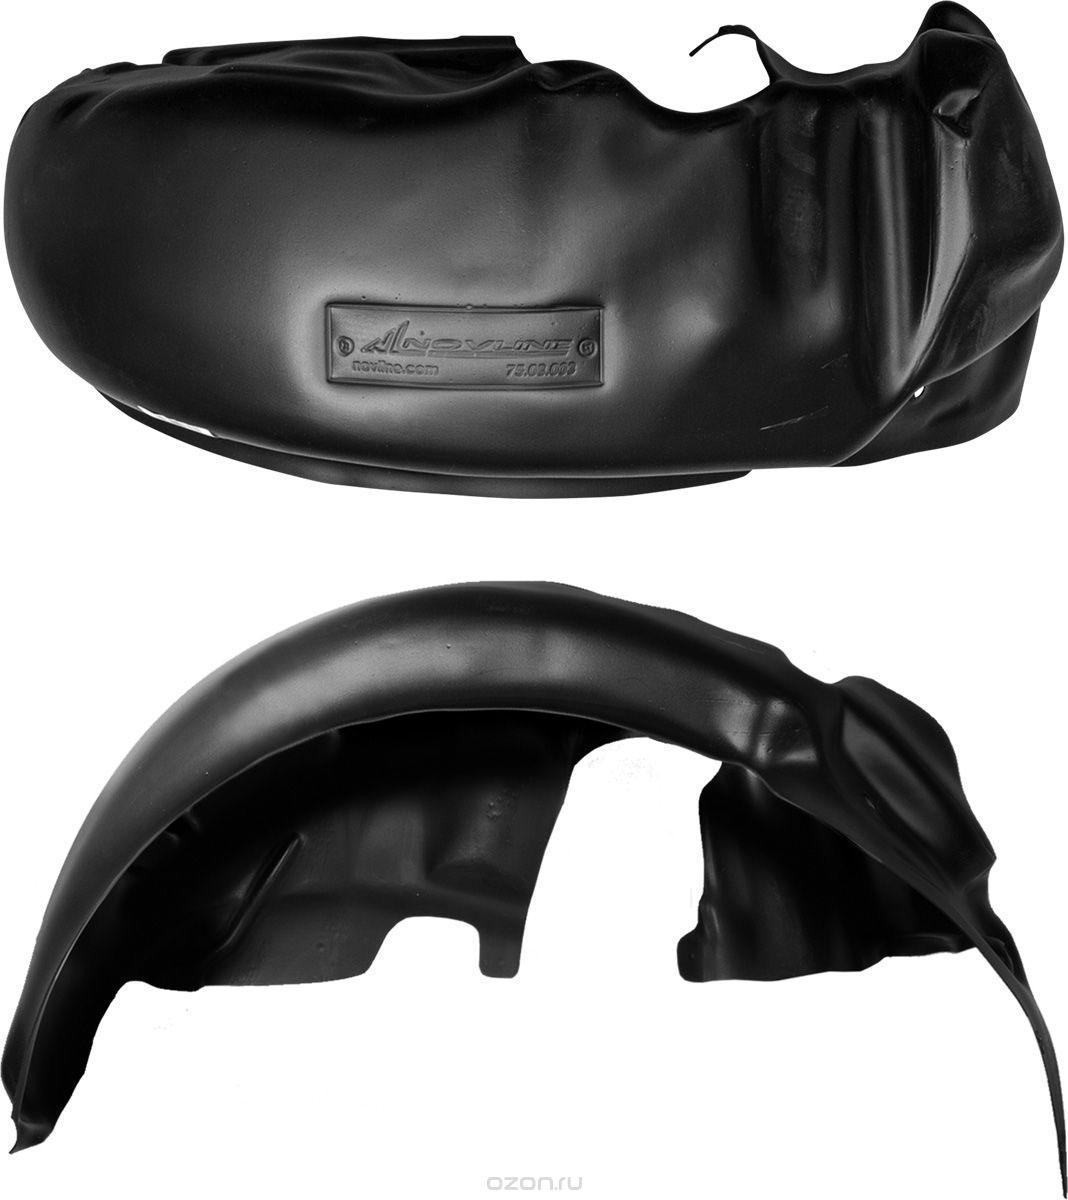 Подкрылок Novline-Autofamily, для TOYOTA Corolla 01/2007-2010, 2010-2013, задний левыйDAVC150Идеальная защита колесной ниши. Локеры разработаны с применением цифровых технологий, гарантируют максимальную повторяемость поверхности арки. Изделия устанавливаются без нарушения лакокрасочного покрытия автомобиля, каждый подкрылок комплектуется крепежом. Уважаемые клиенты, обращаем ваше внимание, что фотографии на подкрылки универсальные и не отражают реальную форму изделия. При этом само изделие идет точно под размер указанного автомобиля.